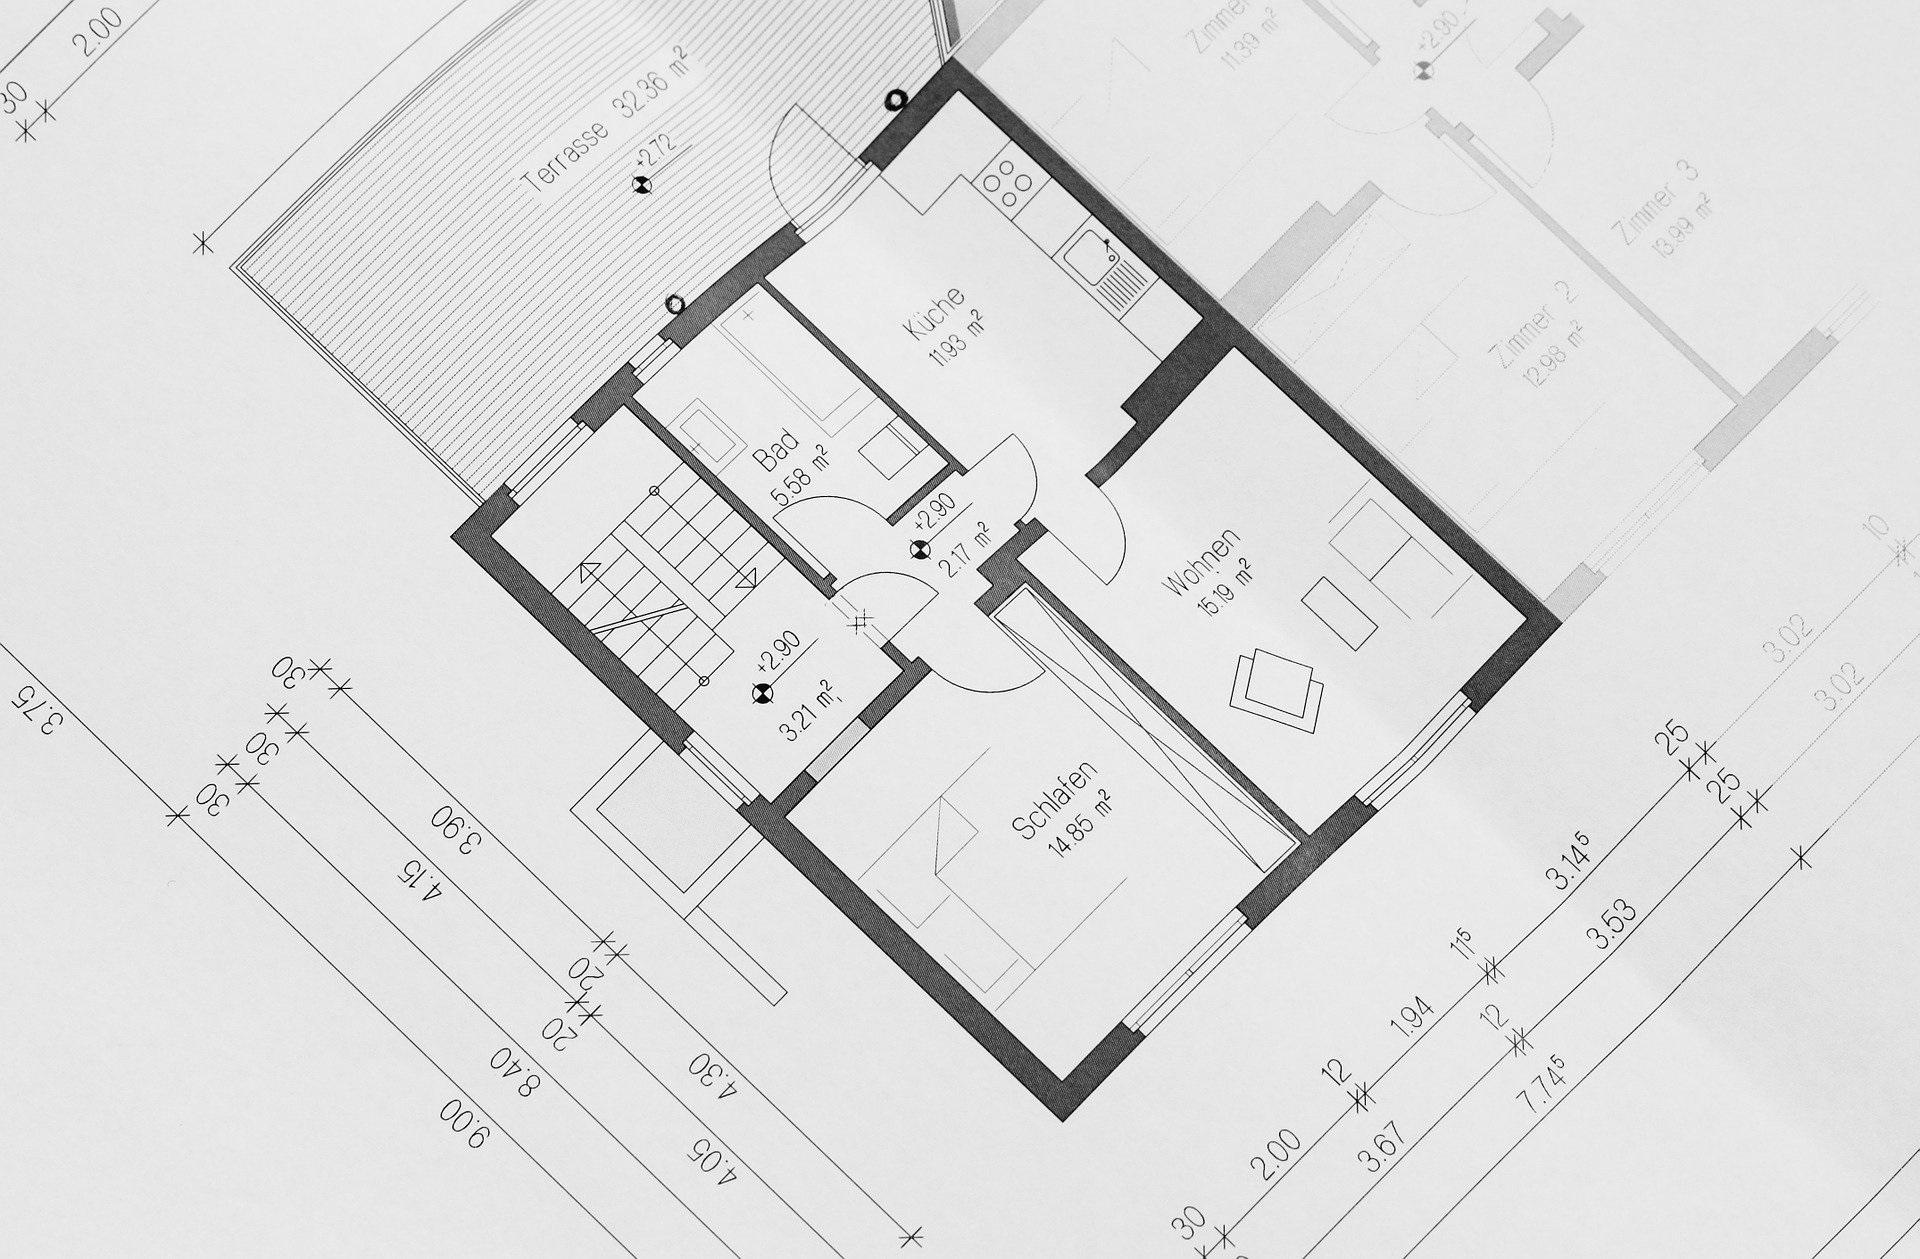 Immagine decorativa sismica (planimetria appartamento)